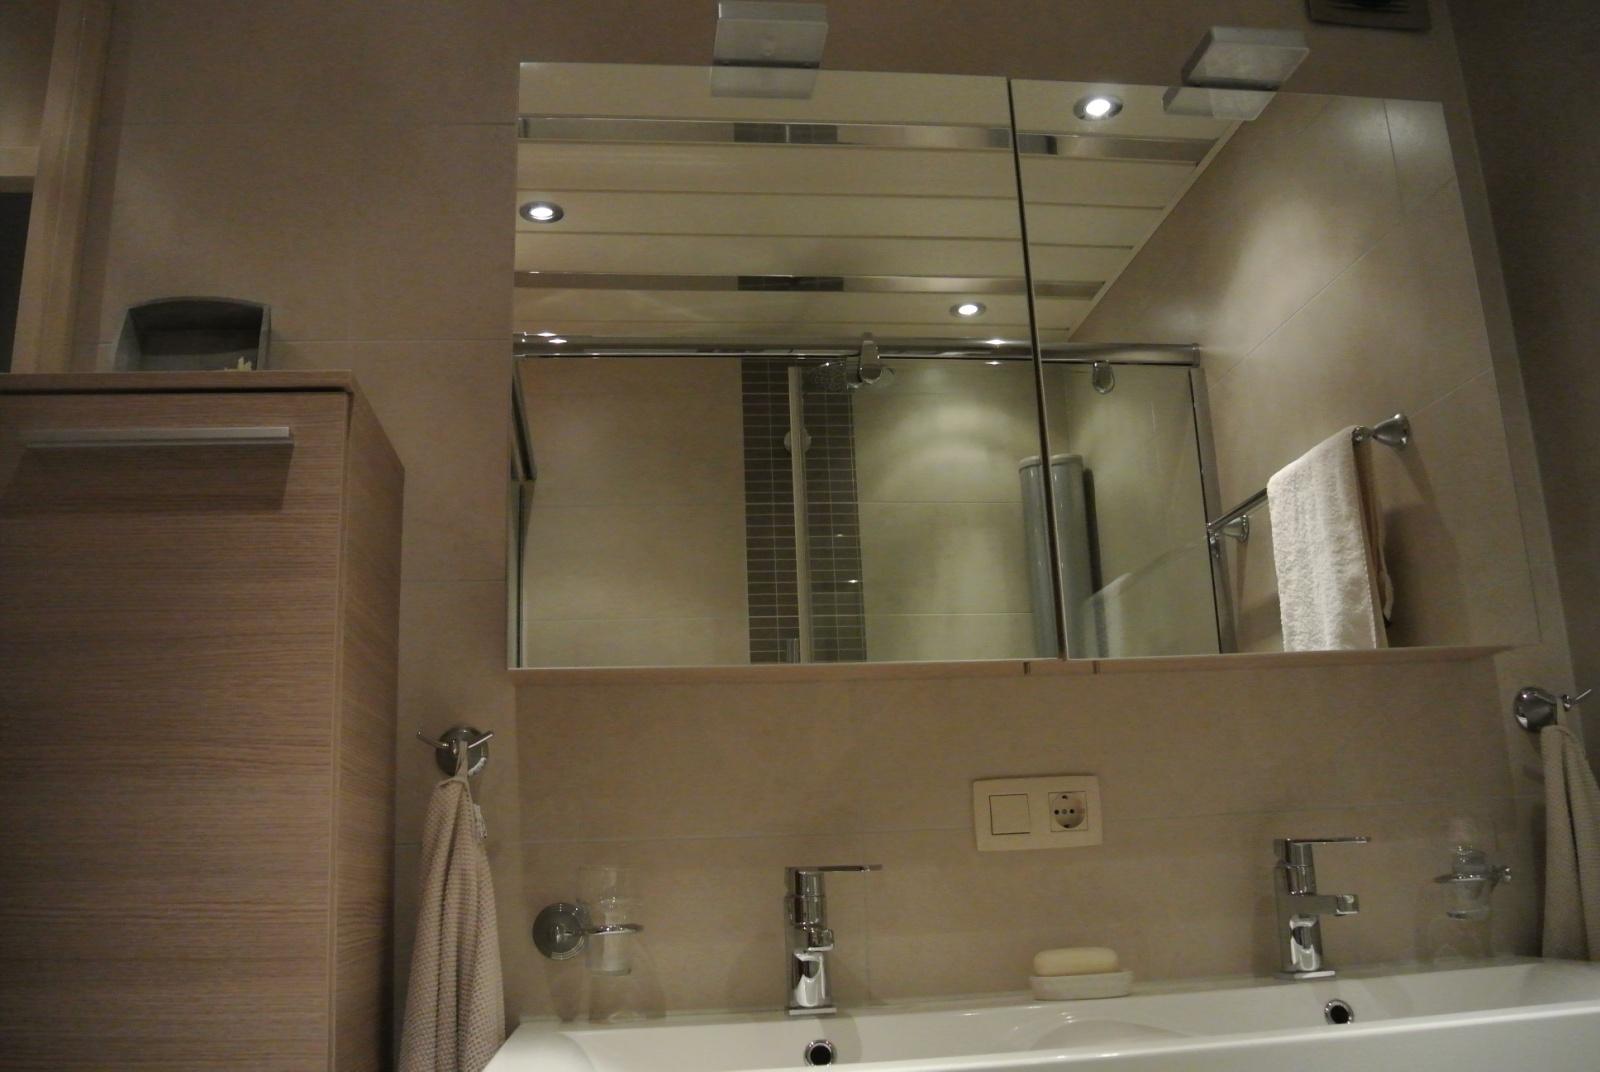 Home > Projecten > Badkamer met sauna - Sonke Bouwbedrijf